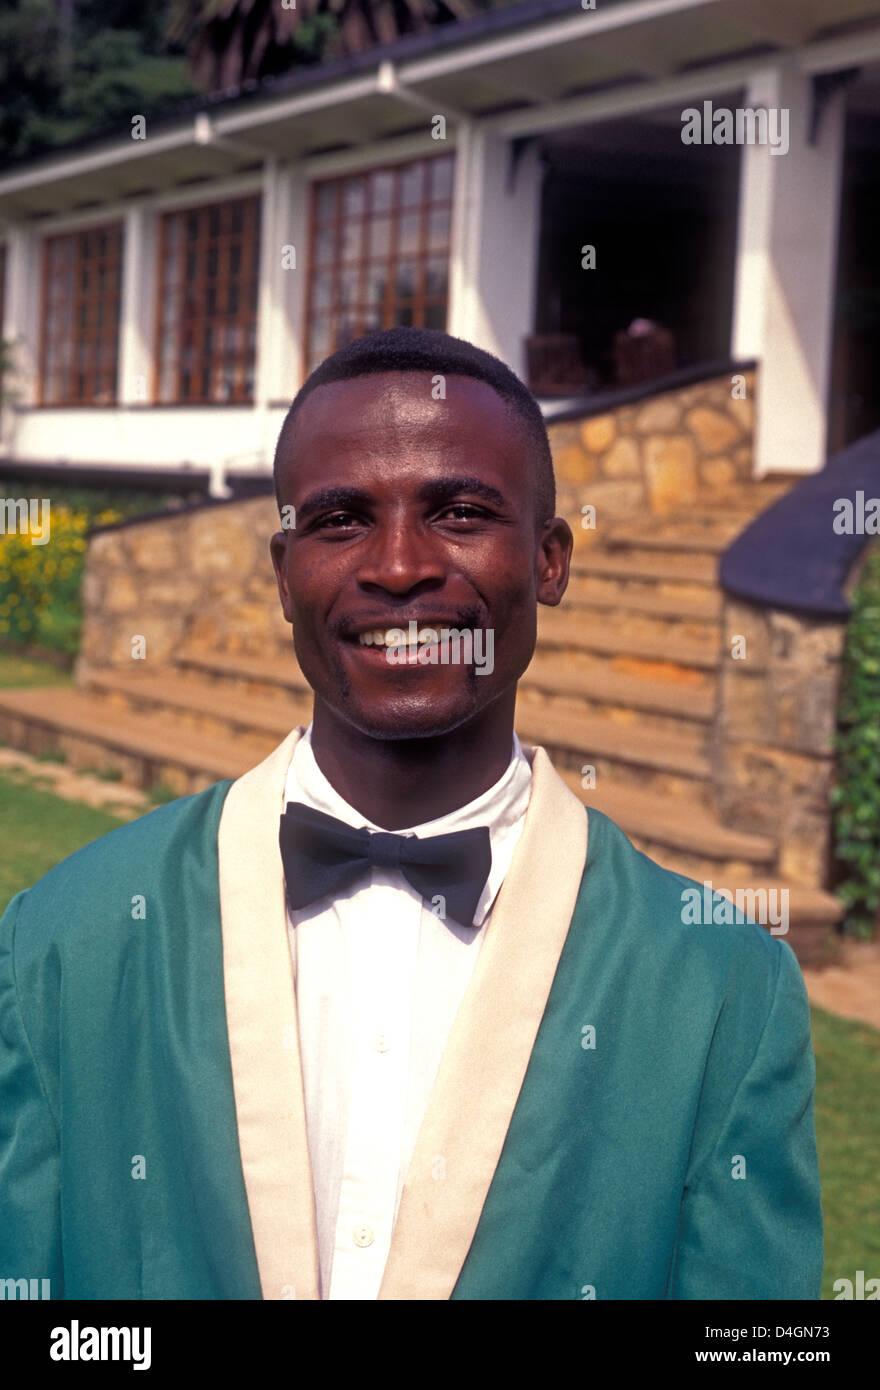 1, one, Zimbabwean, man, adult man, waiter, worker, working, Rhodes-Nyanga Hotel, Nyanga, Manicaland Province, Zimbabwe, - Stock Image